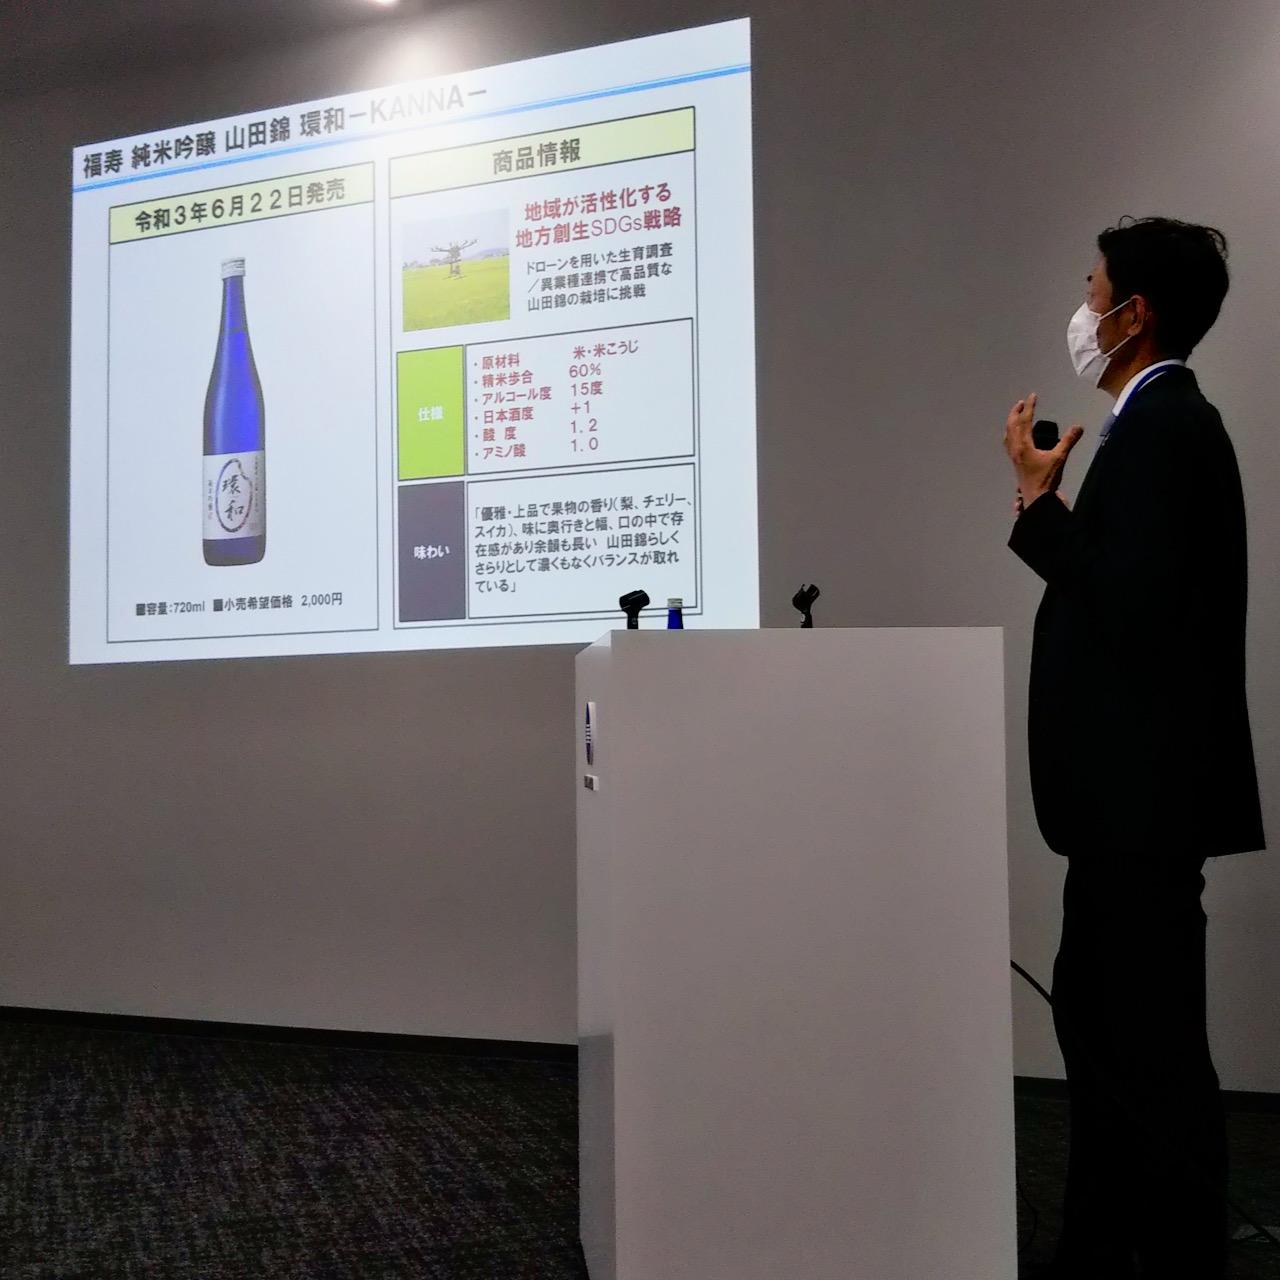 「環和 -KANNA-」コニカミノルタ高槻サイトにて神戸山田錦推進研究会報告会が開催